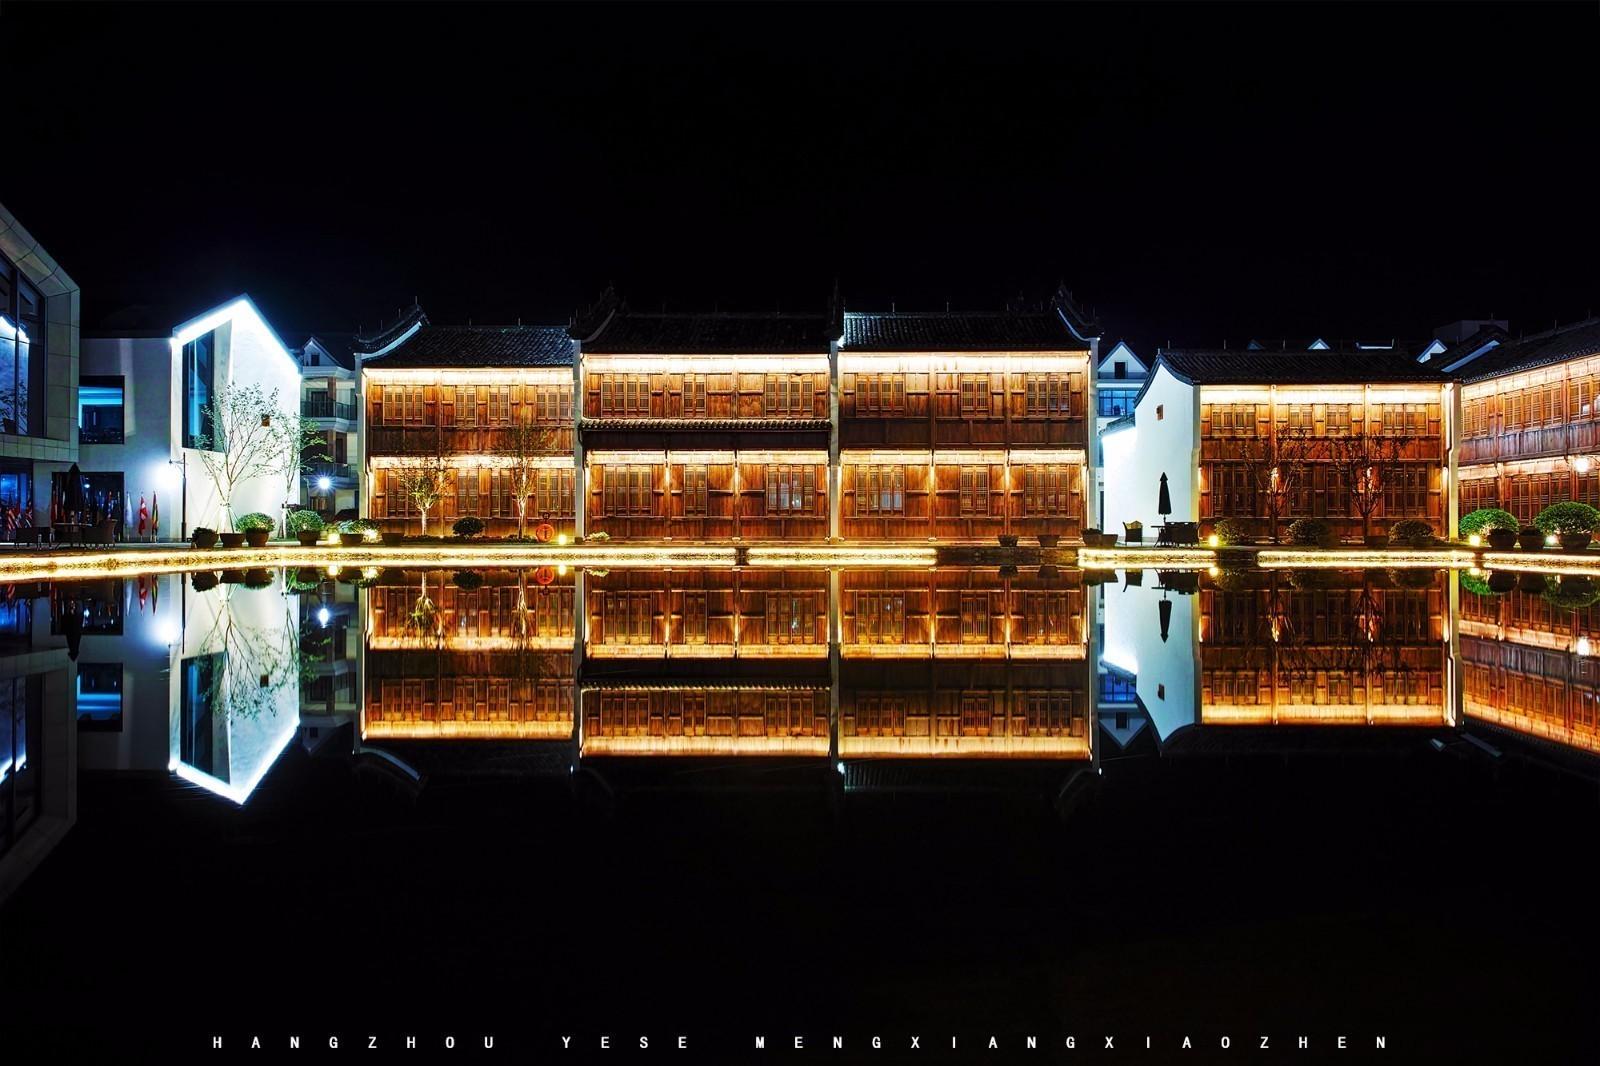 杭州梦想小镇夜晚亮灯显得格外的美丽!